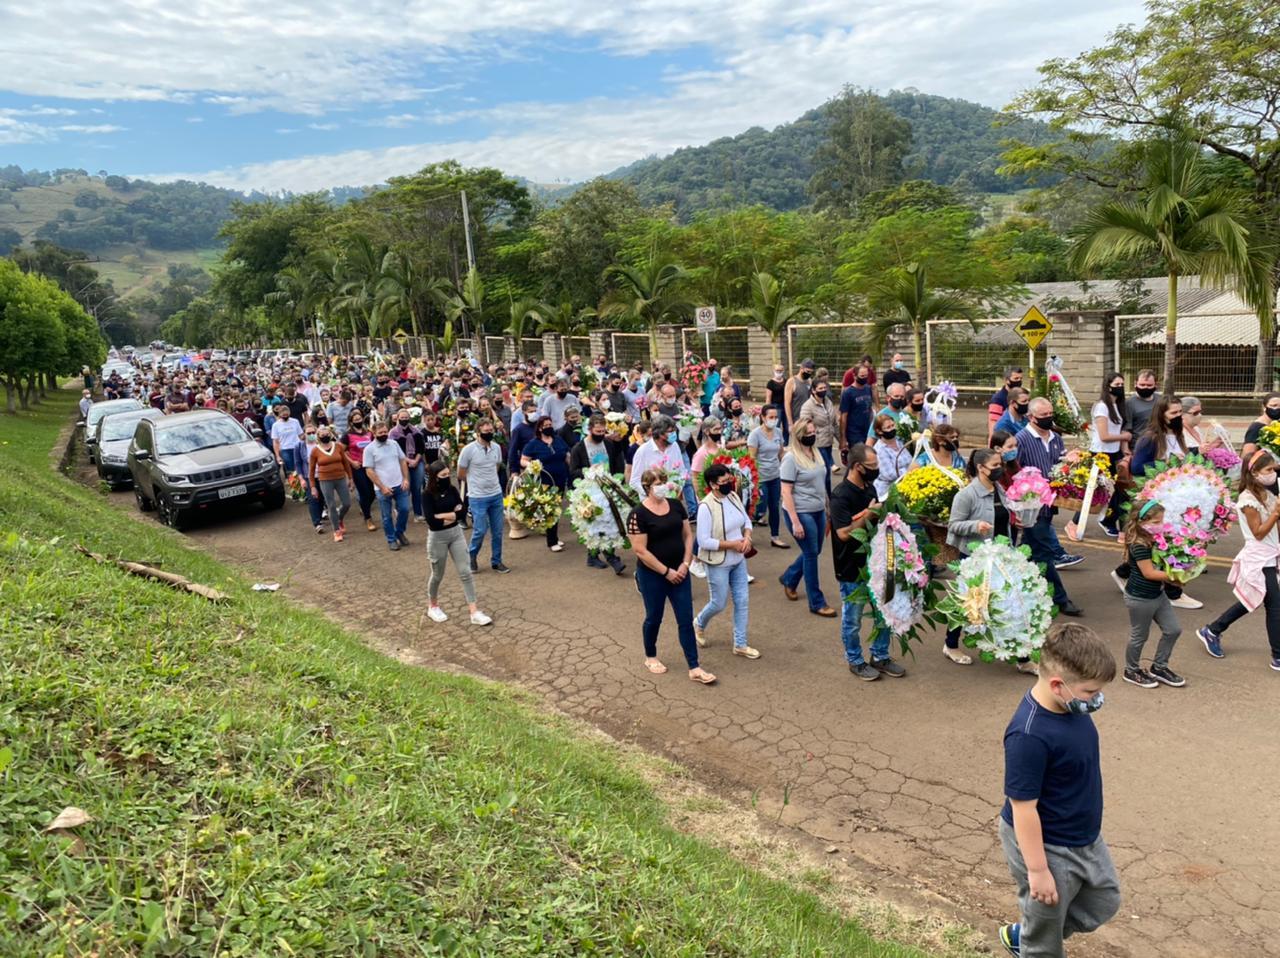 Centenas de pessoas acompanharam o enterro das vítimas do ataque em creche nesta manhã de quarta-feira (5) - Willian Ricardo/ND